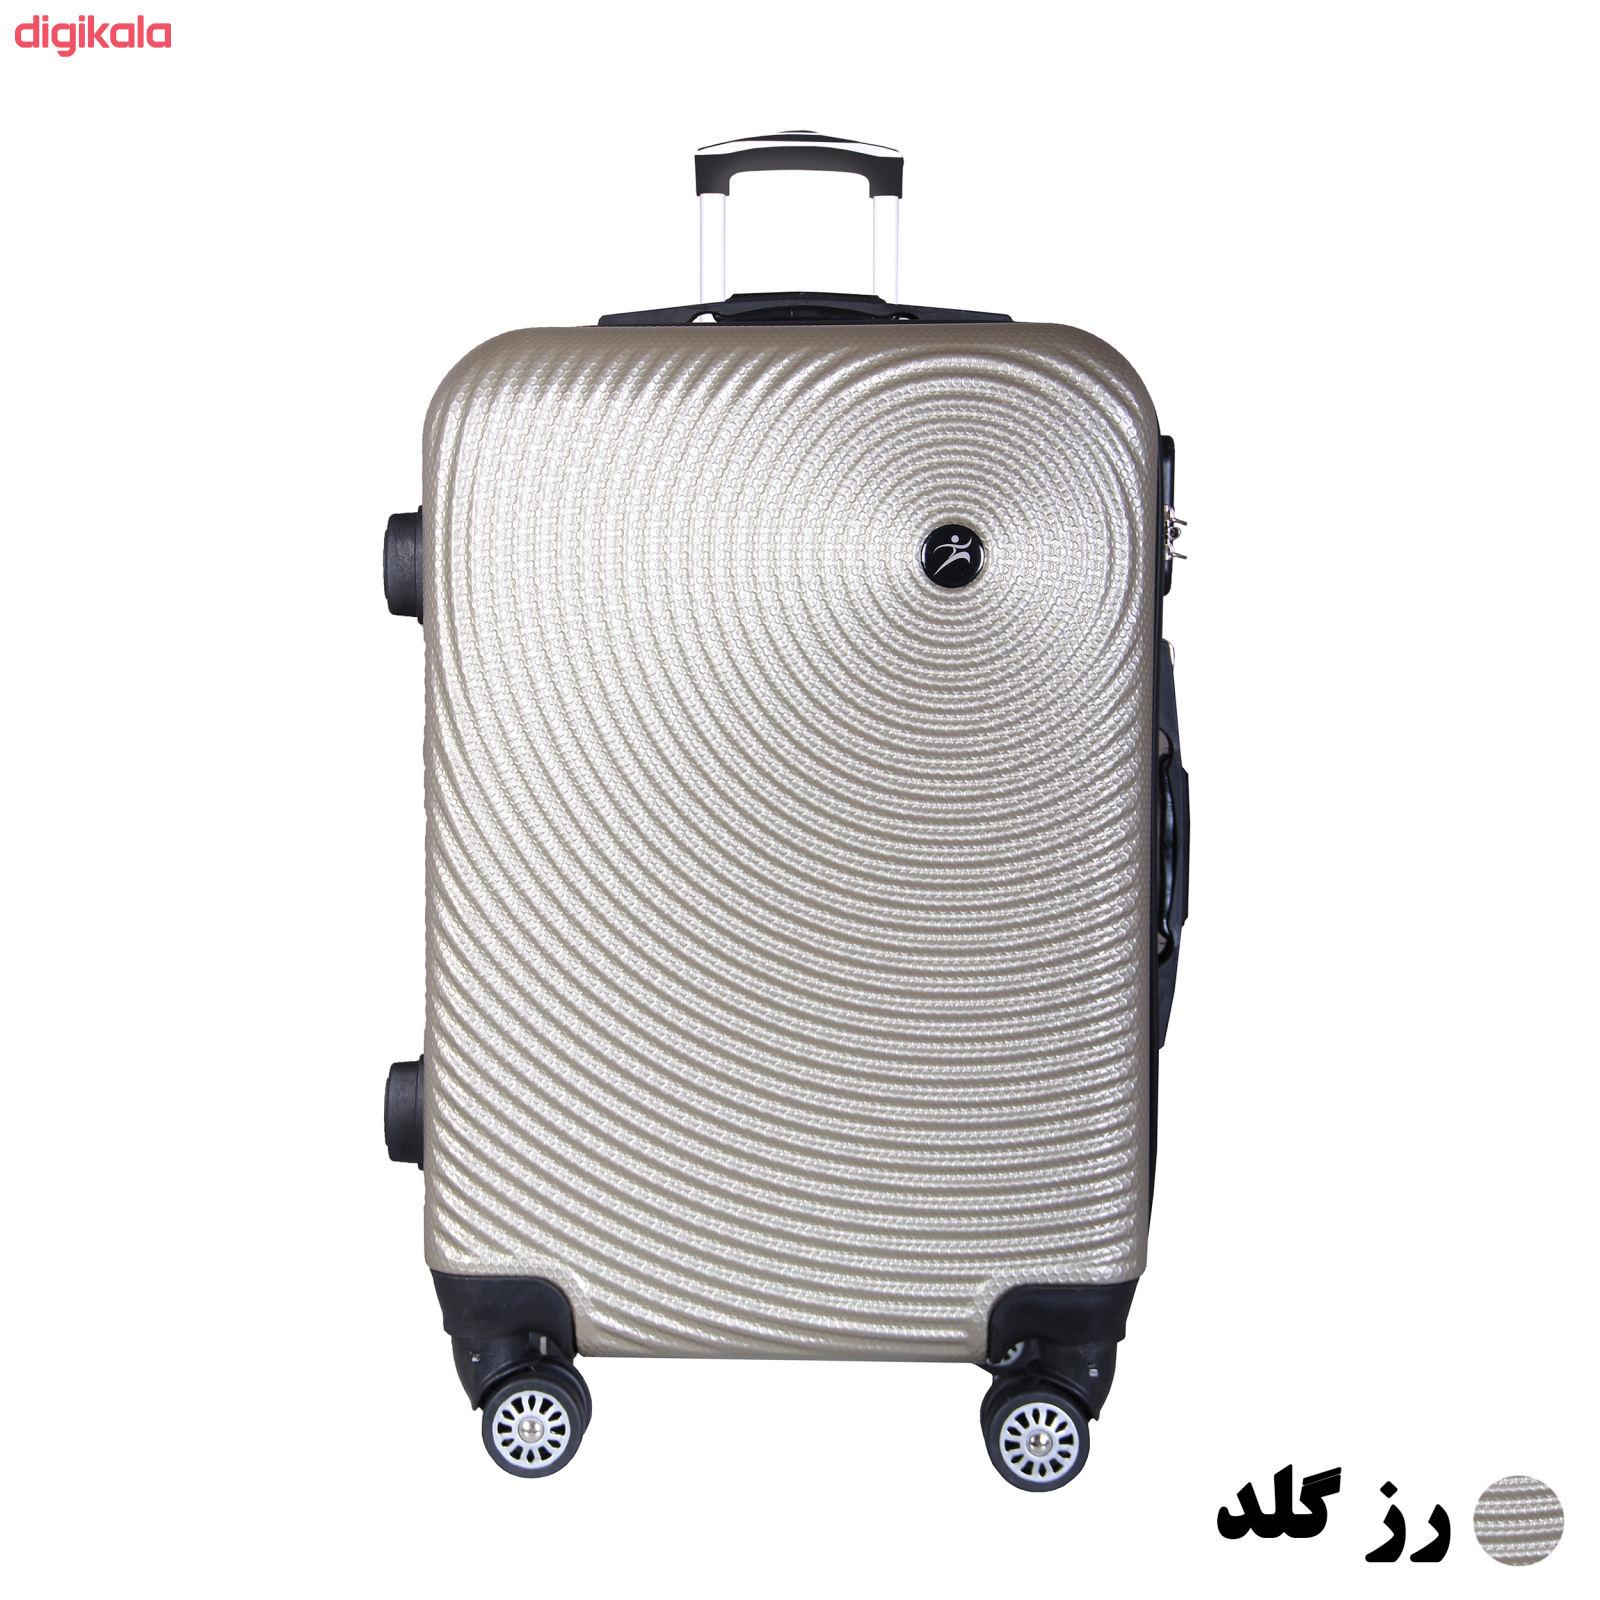 مجموعه چهار عددی چمدان اسپرت من مدل NS001 main 1 7